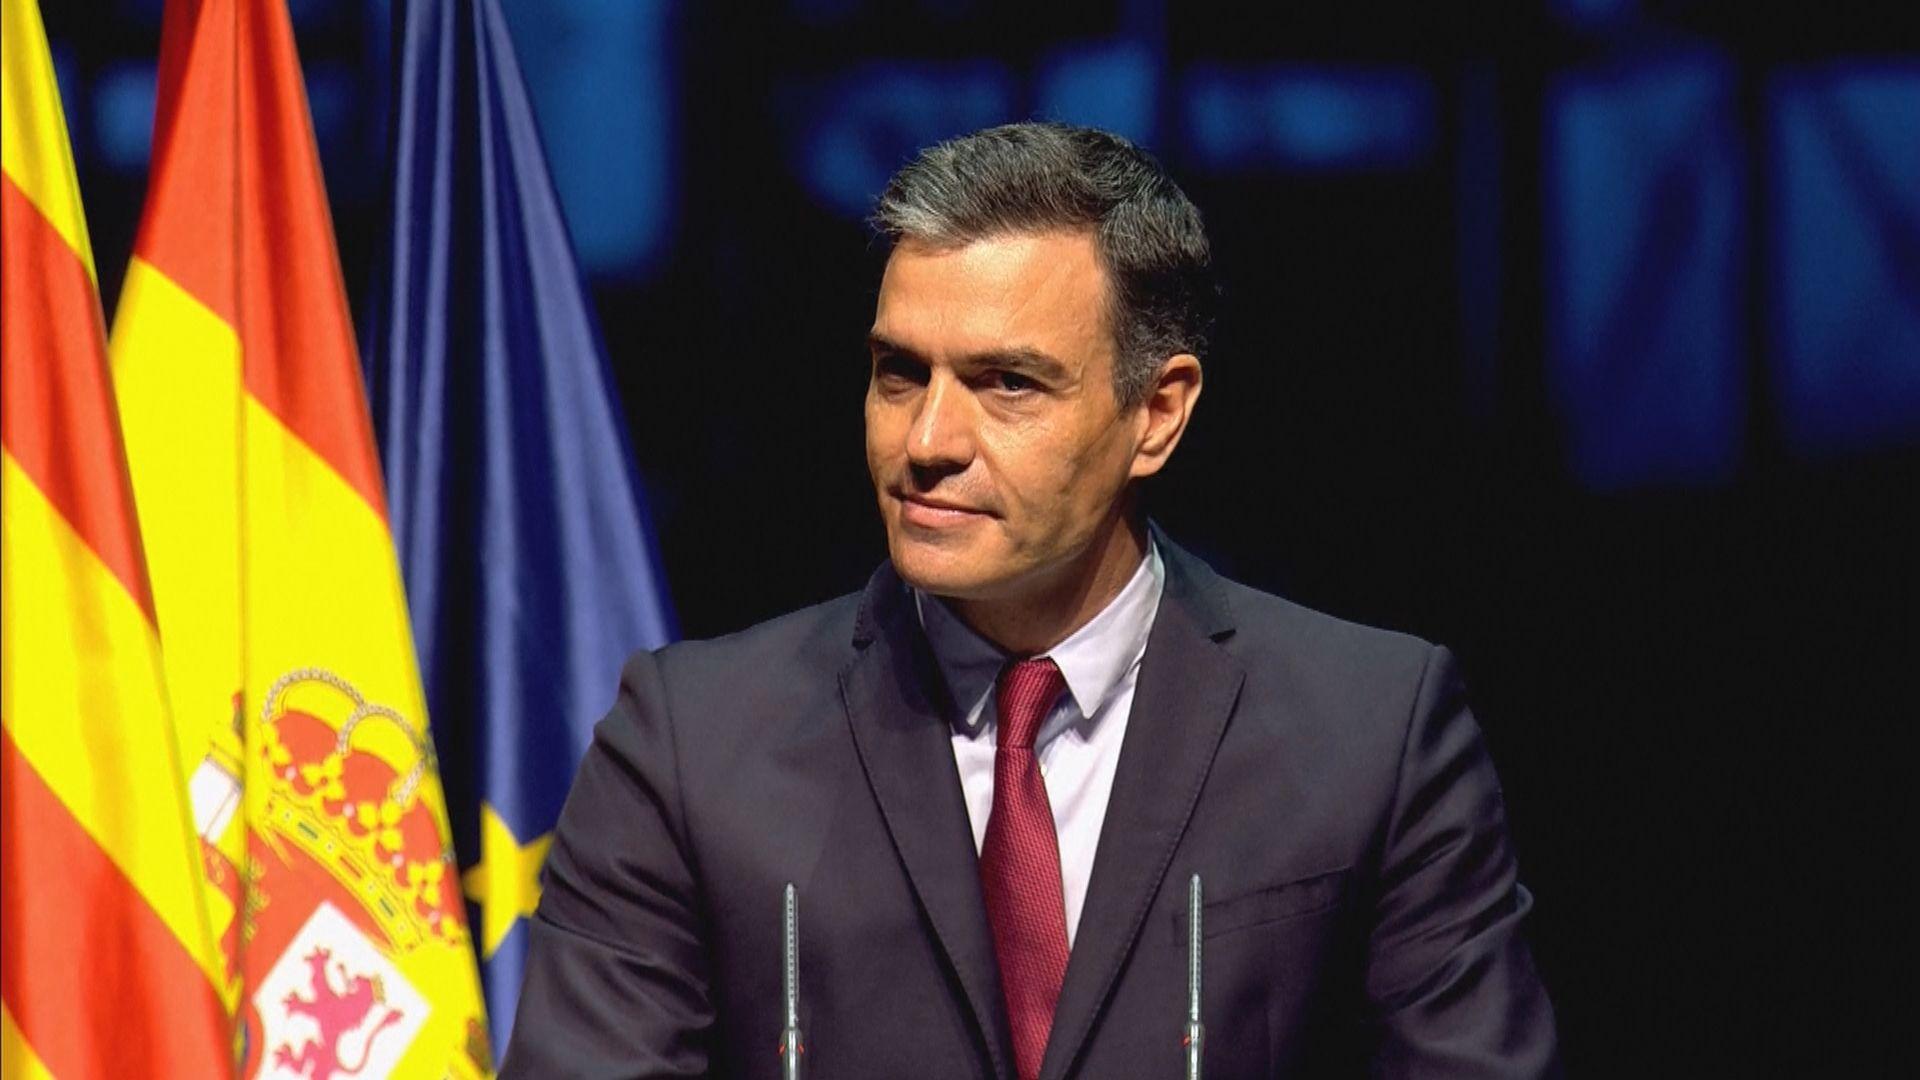 西班牙擬特赦9名加泰分離分子 加泰政府稱會再推動獨立公投